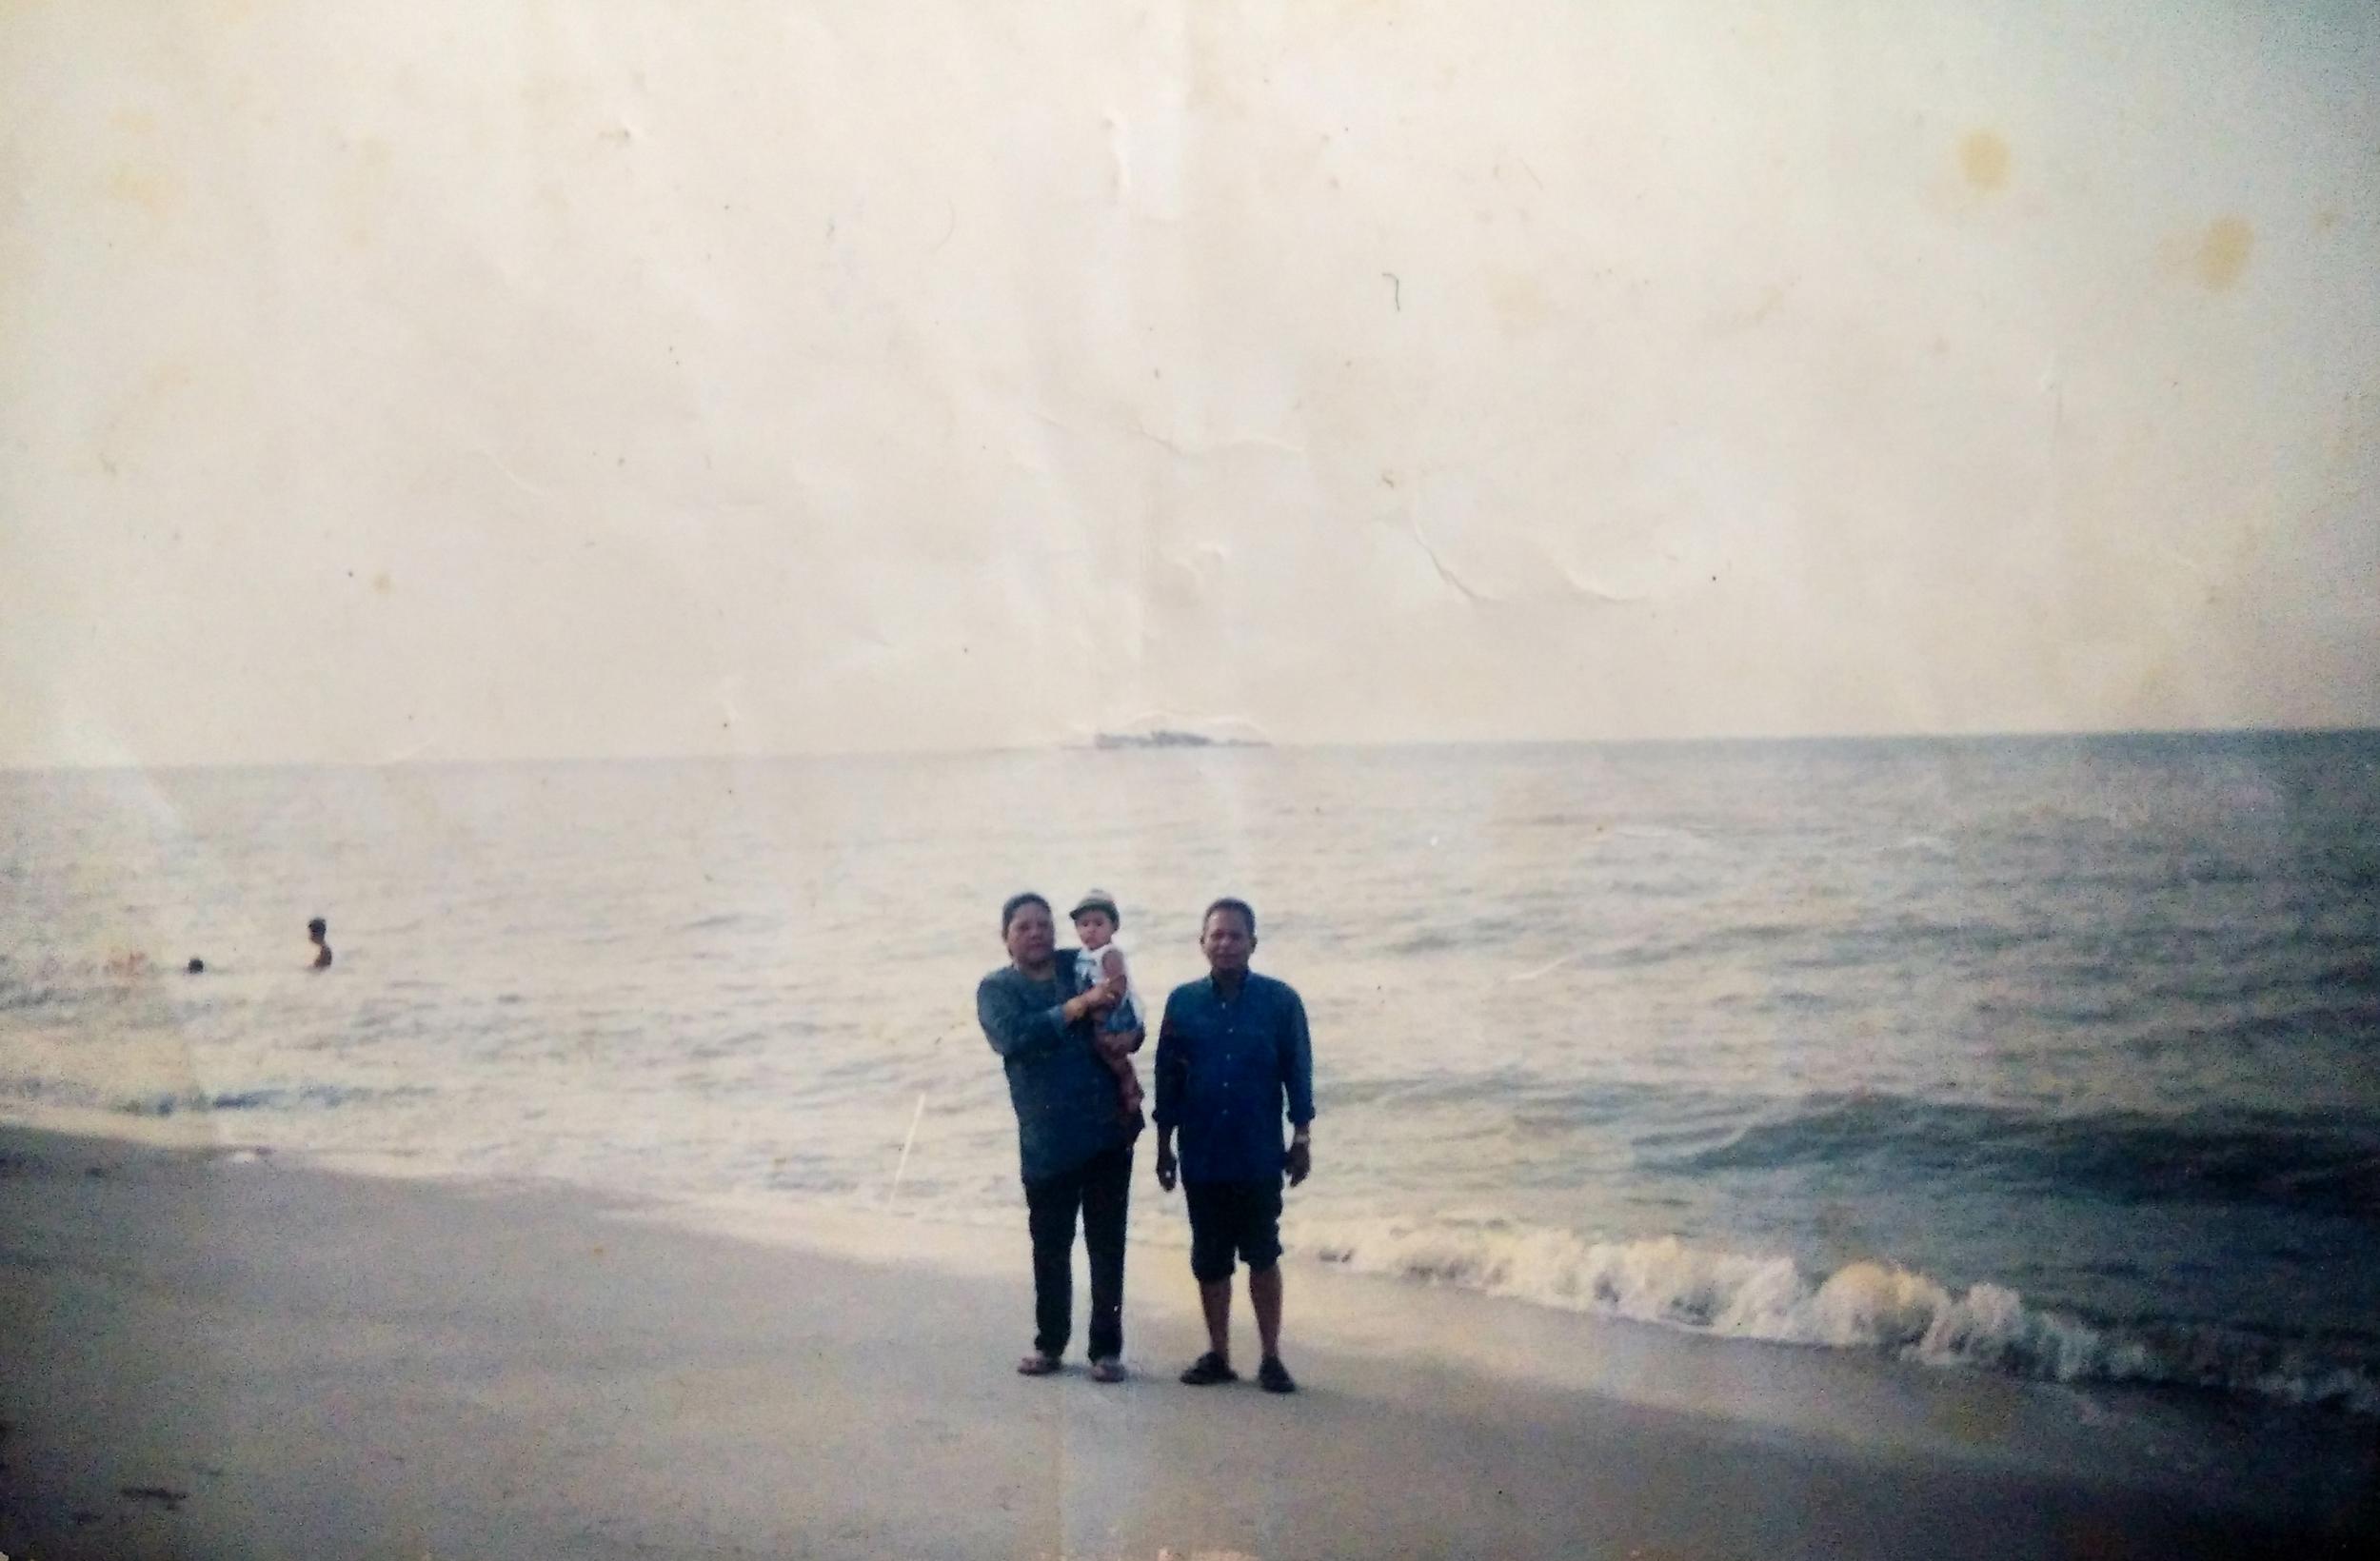 Faridah and Yamal on Pulau Pinang (Penang Island) in the early 1990s.